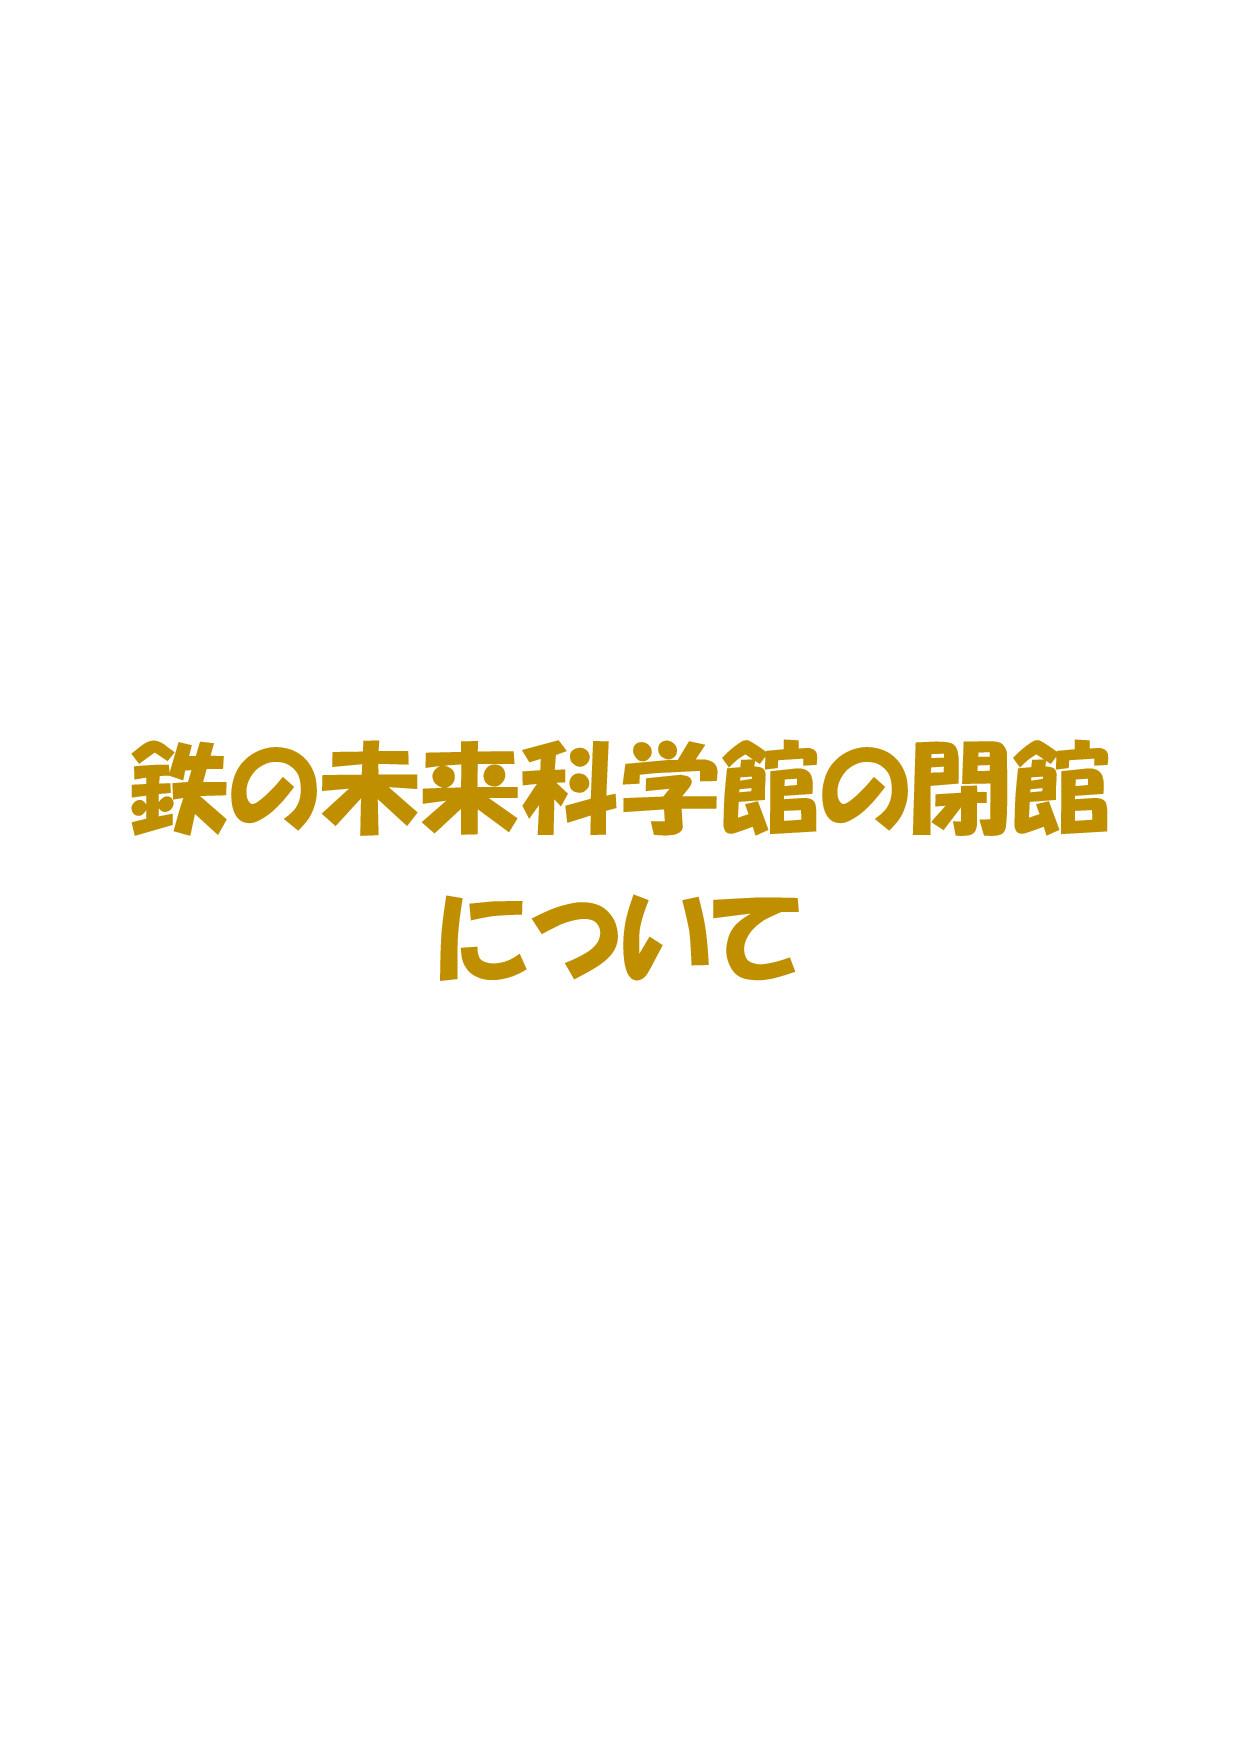 科学館閉館_p001